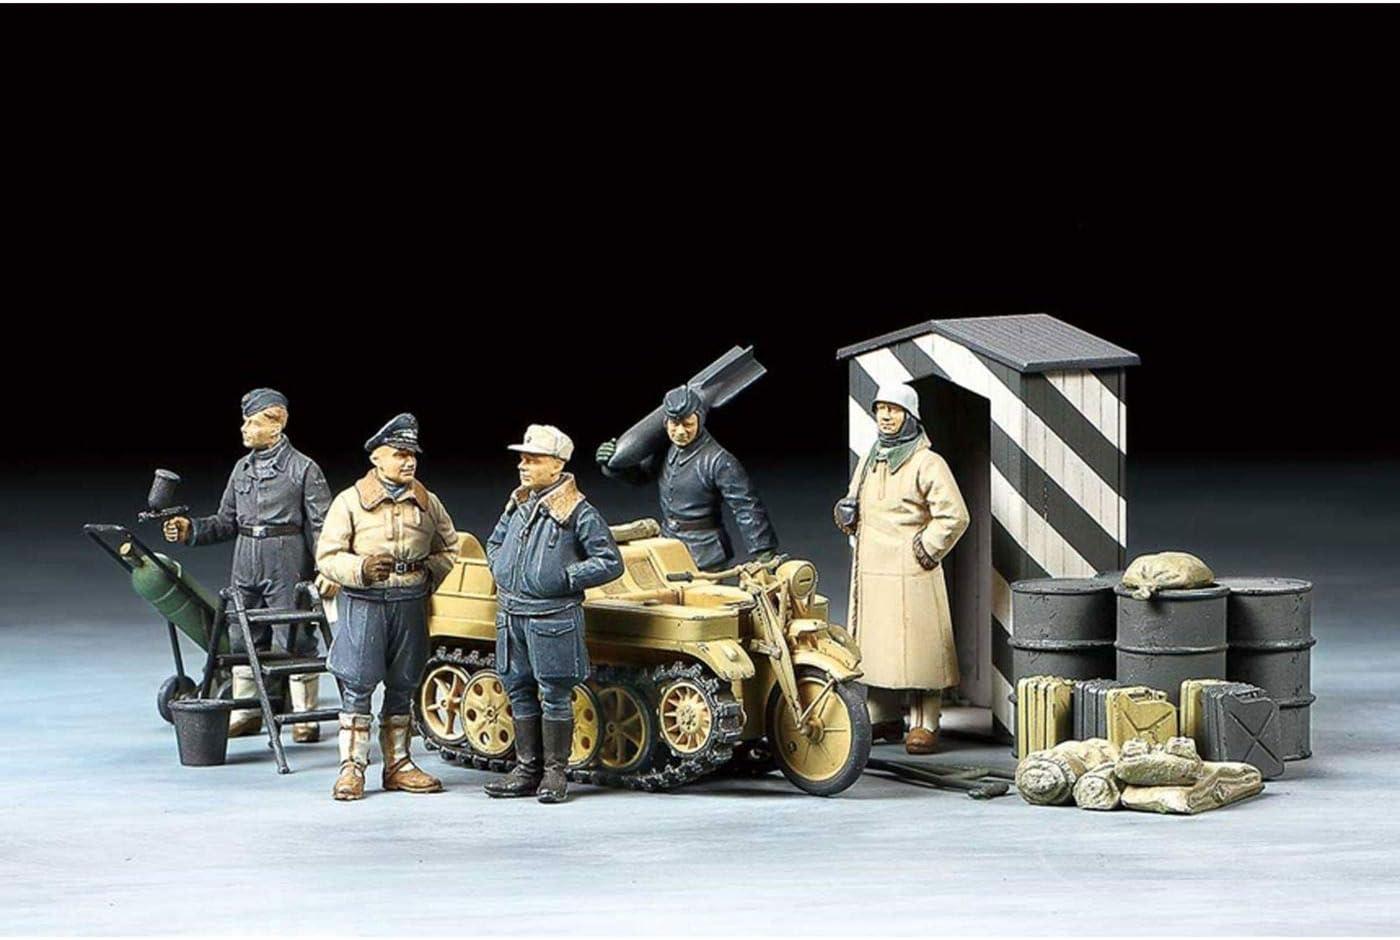 Tamiya 32412 32412-1:48 Juego de Figuras alemanas (5) Wint.m. Kkrad, modelismo, Kit de Montaje de plástico, Manualidades, Hobby, Pegar, Kit de Montaje de plástico, sin Pintar.